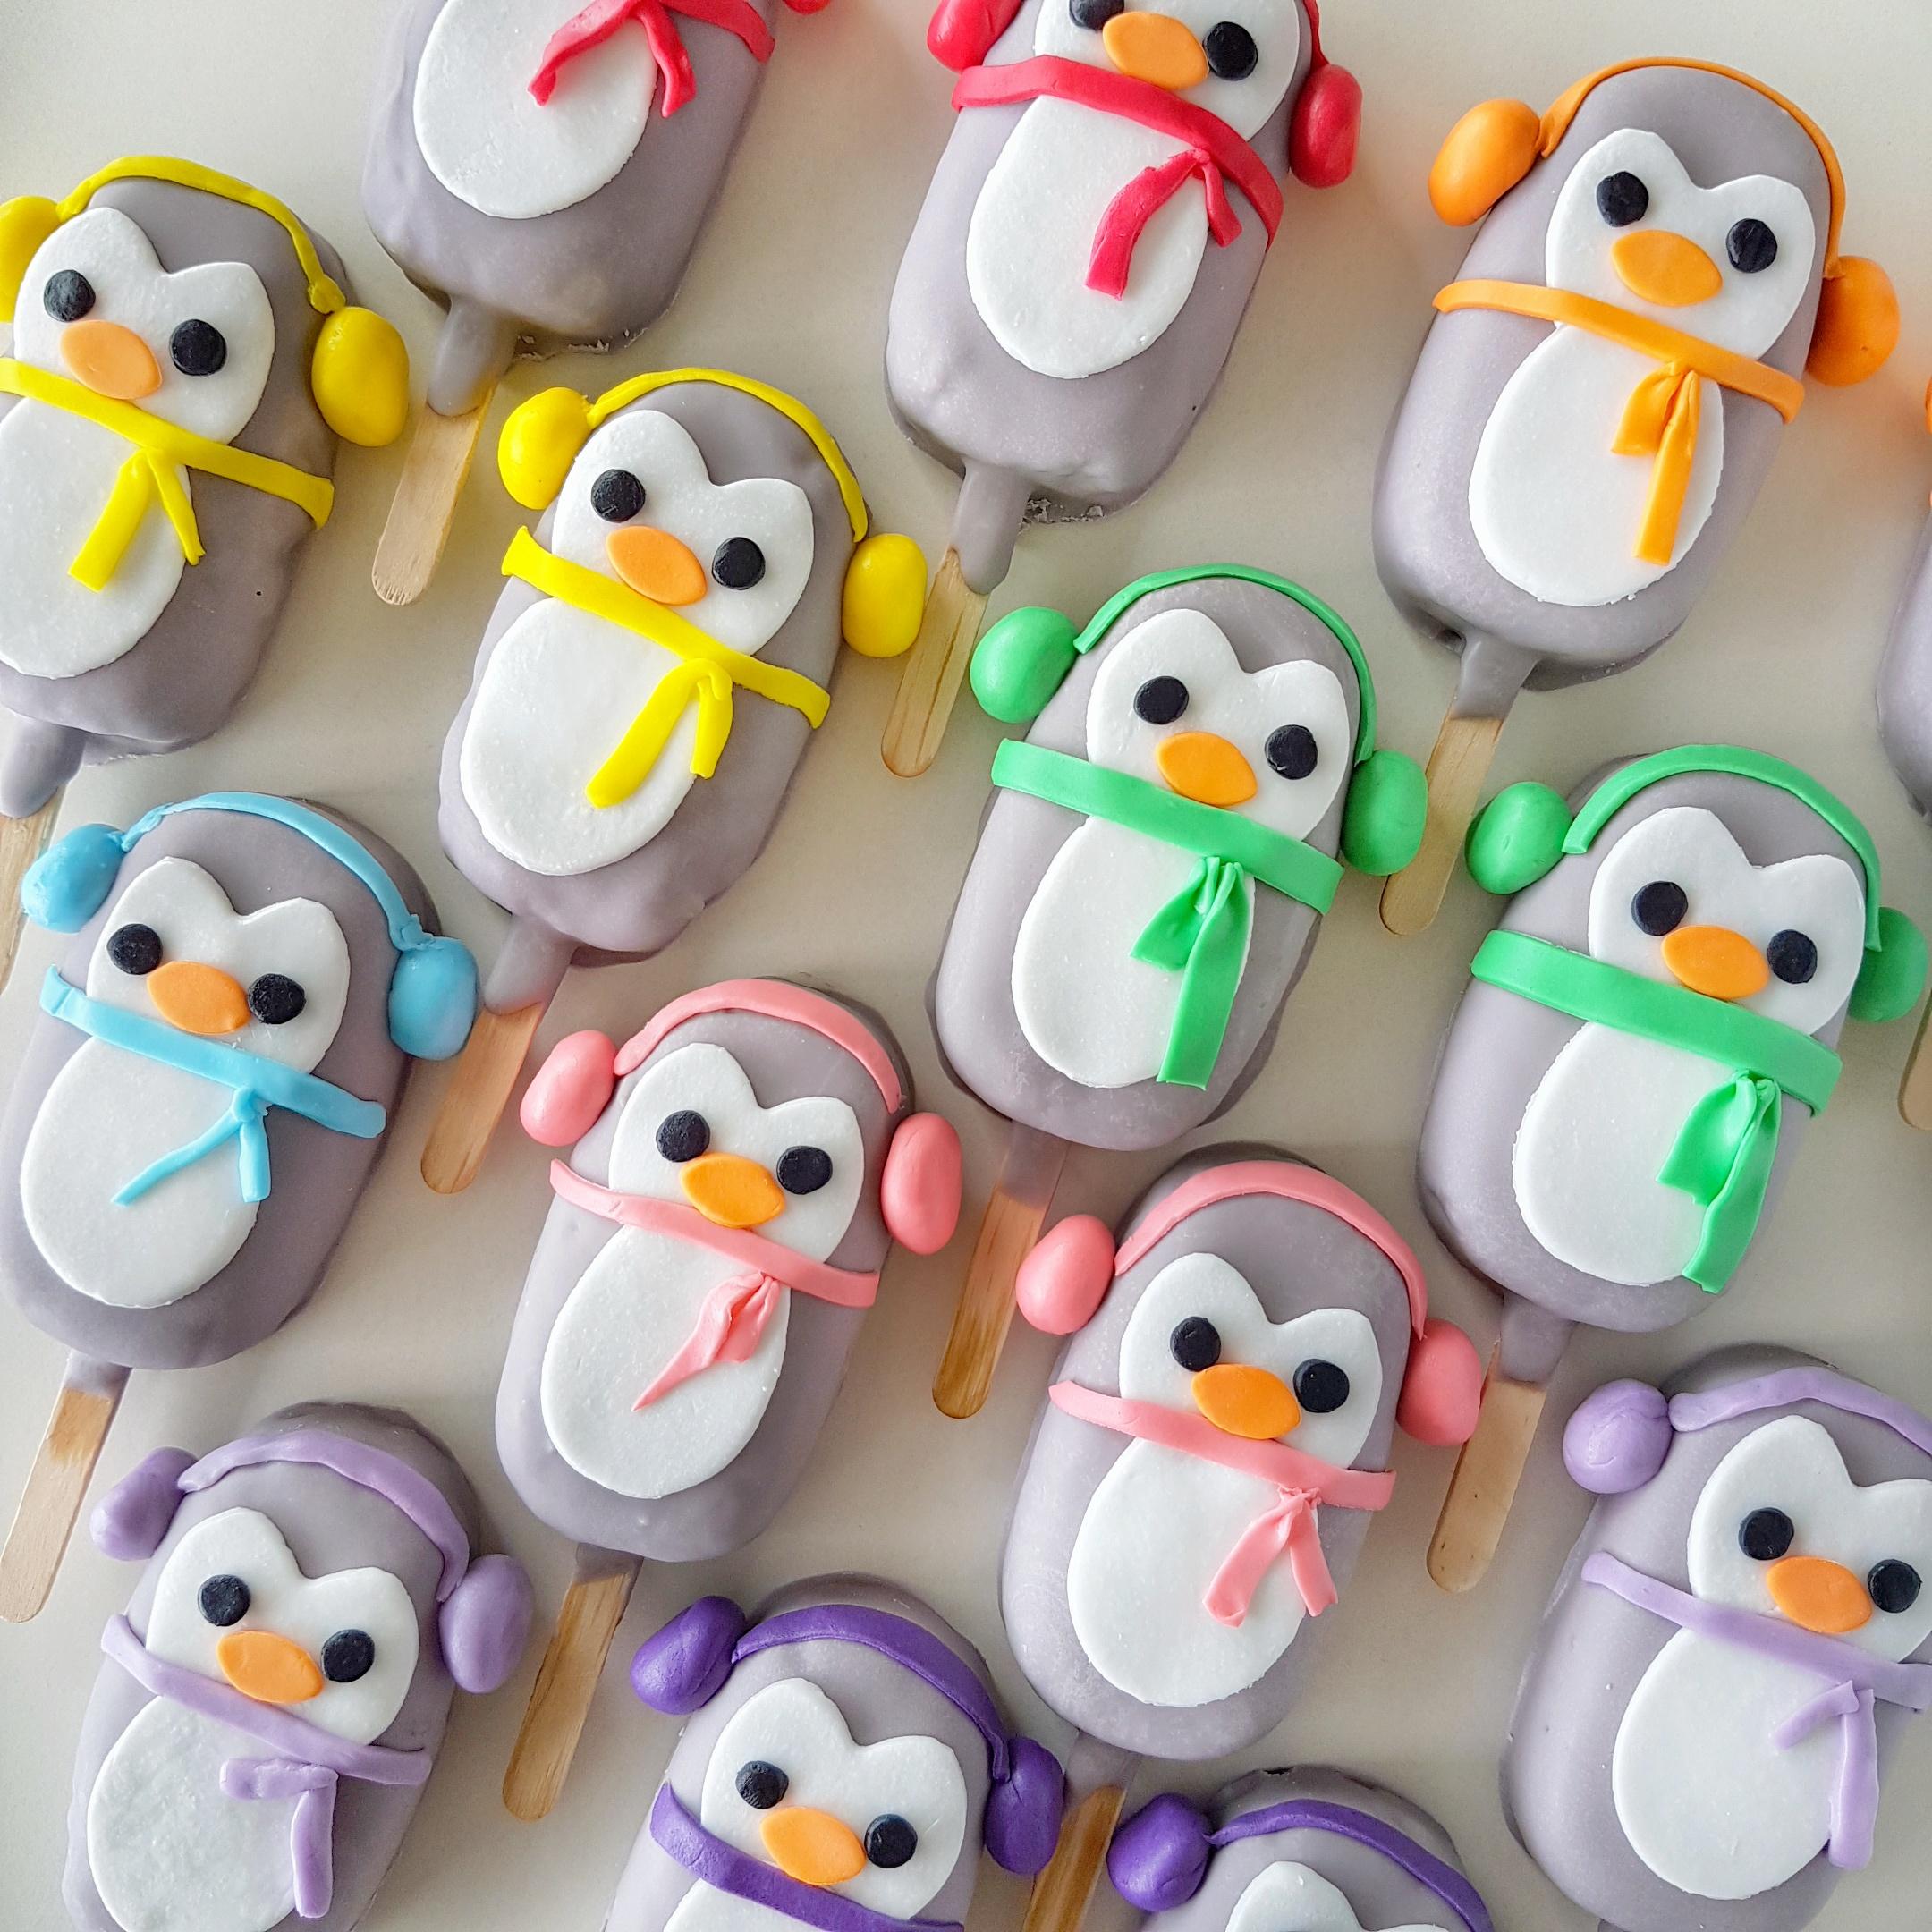 Winter Penguin Cake Pops - The Baking Experiment